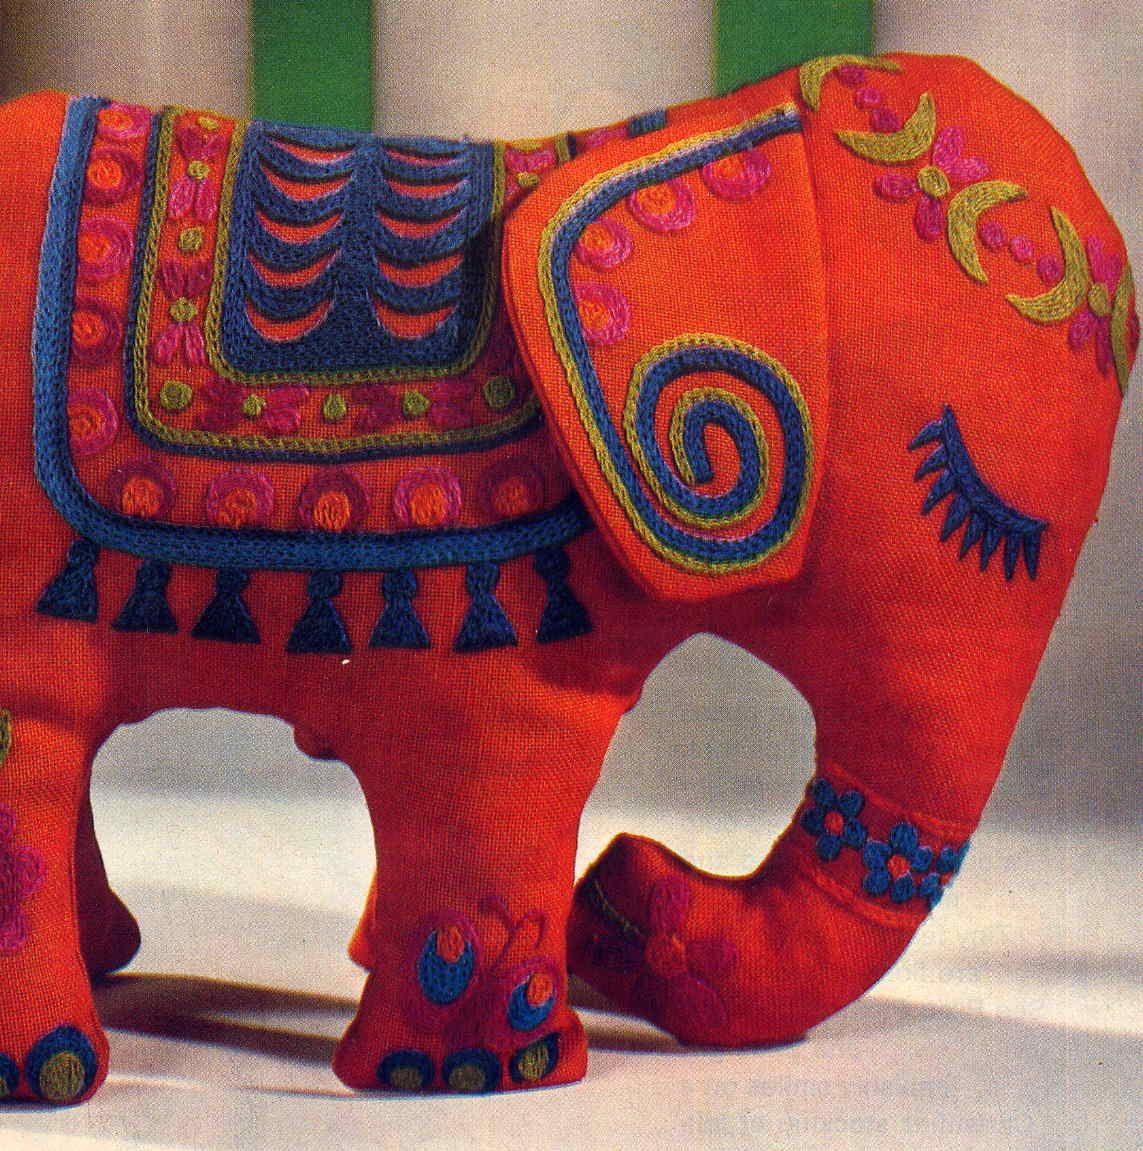 70s vintage stuffed elephant misc pinterest stuffed 70s vintage stuffed elephant animal sewing patternsvintage jeuxipadfo Choice Image